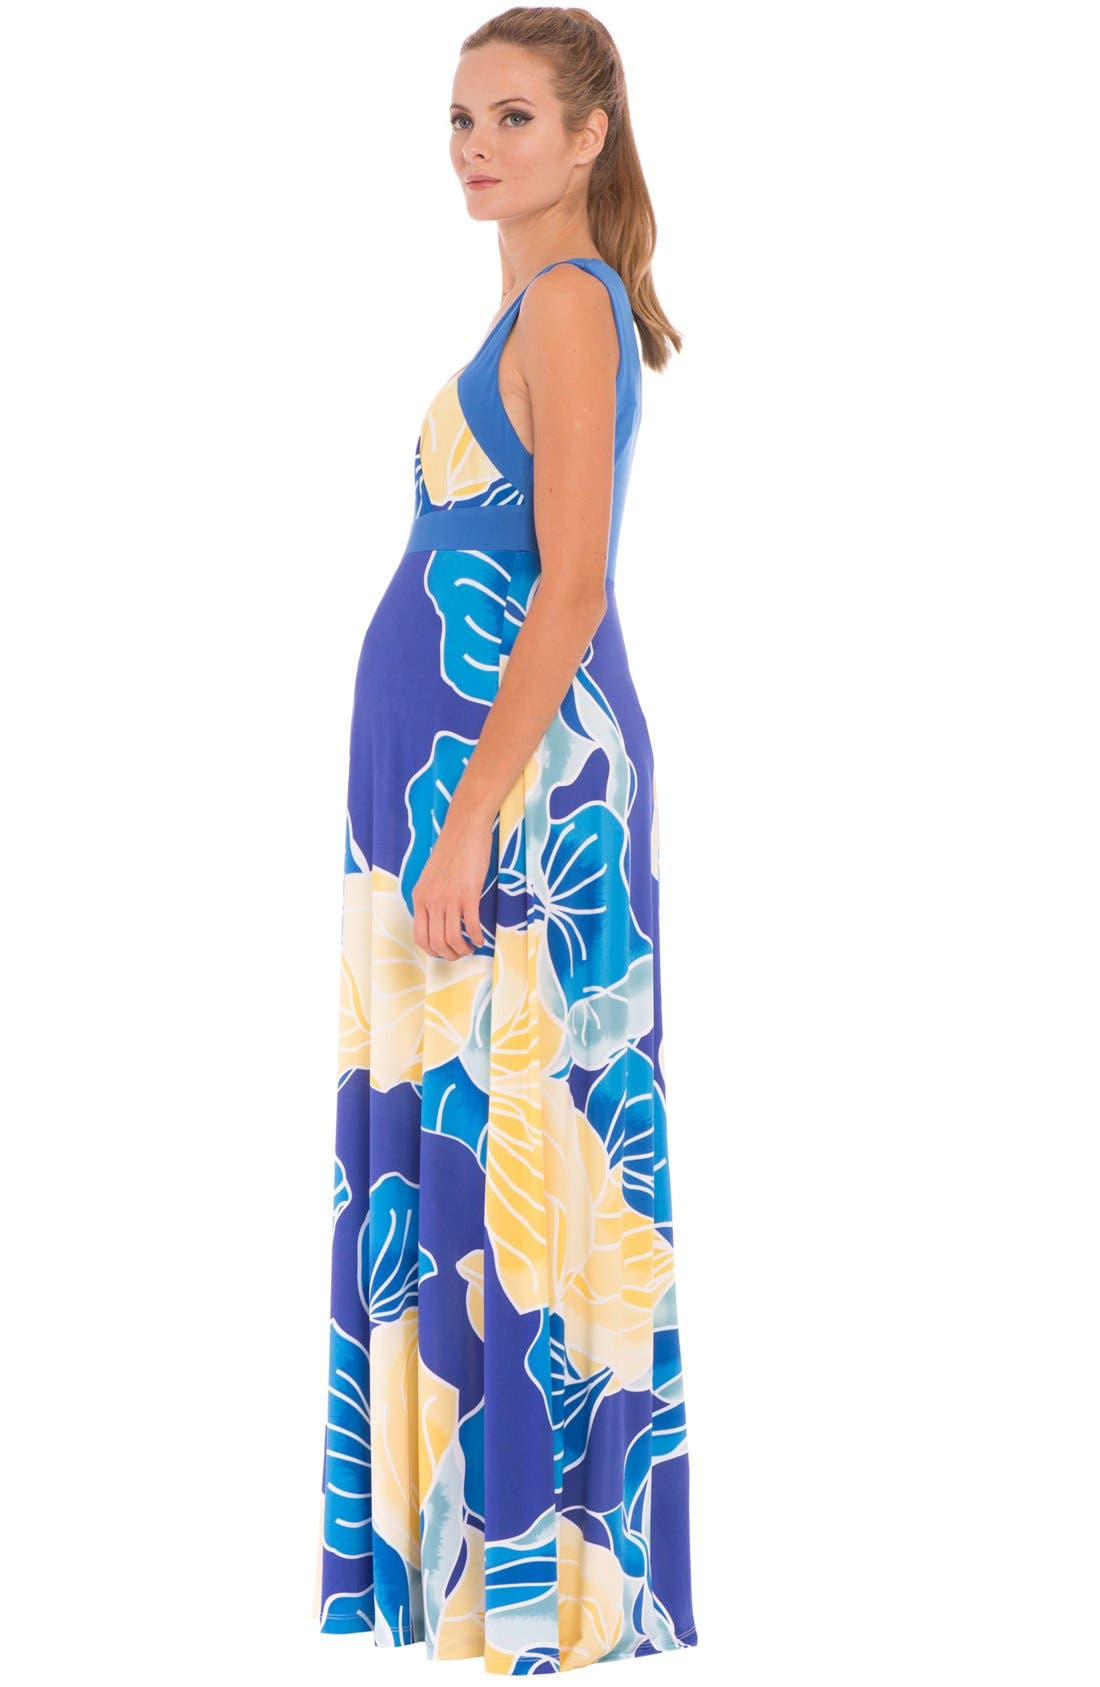 'Sharon' Maternity Maxi Dress,                             Alternate thumbnail 4, color,                             443